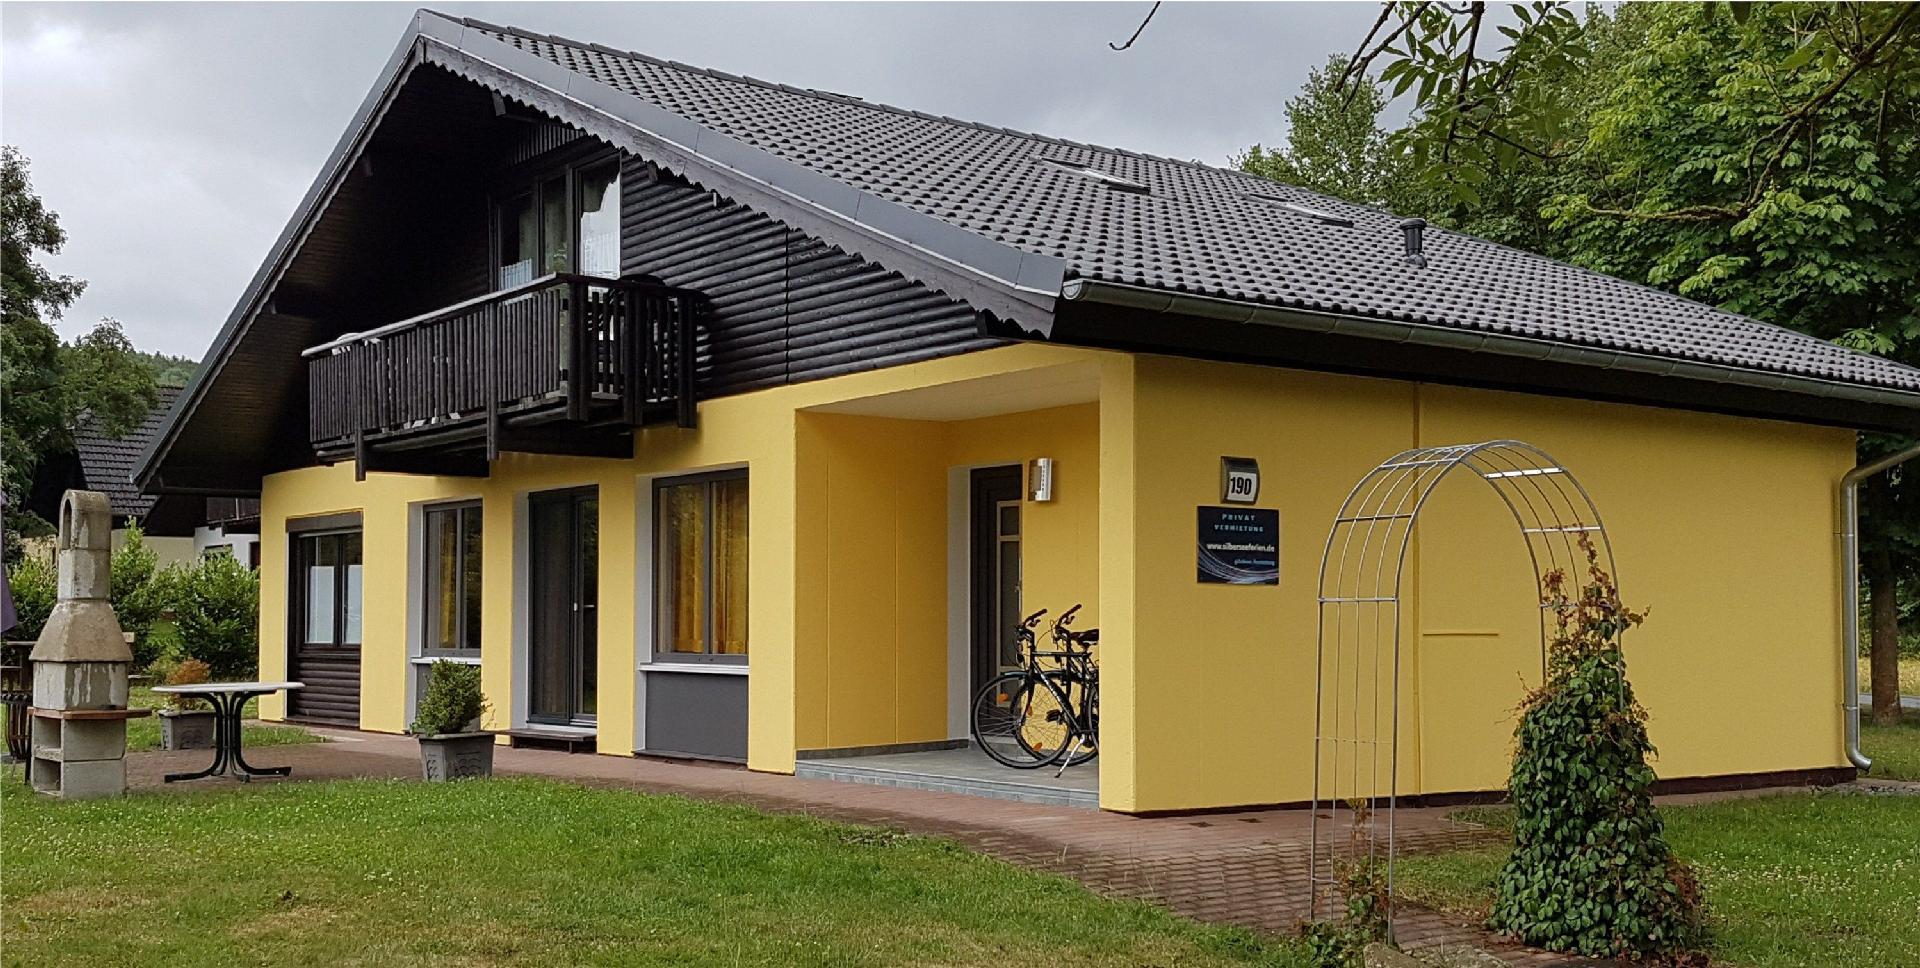 Ferienhaus für 6 Personen ca. 103 m² in   in Hessen